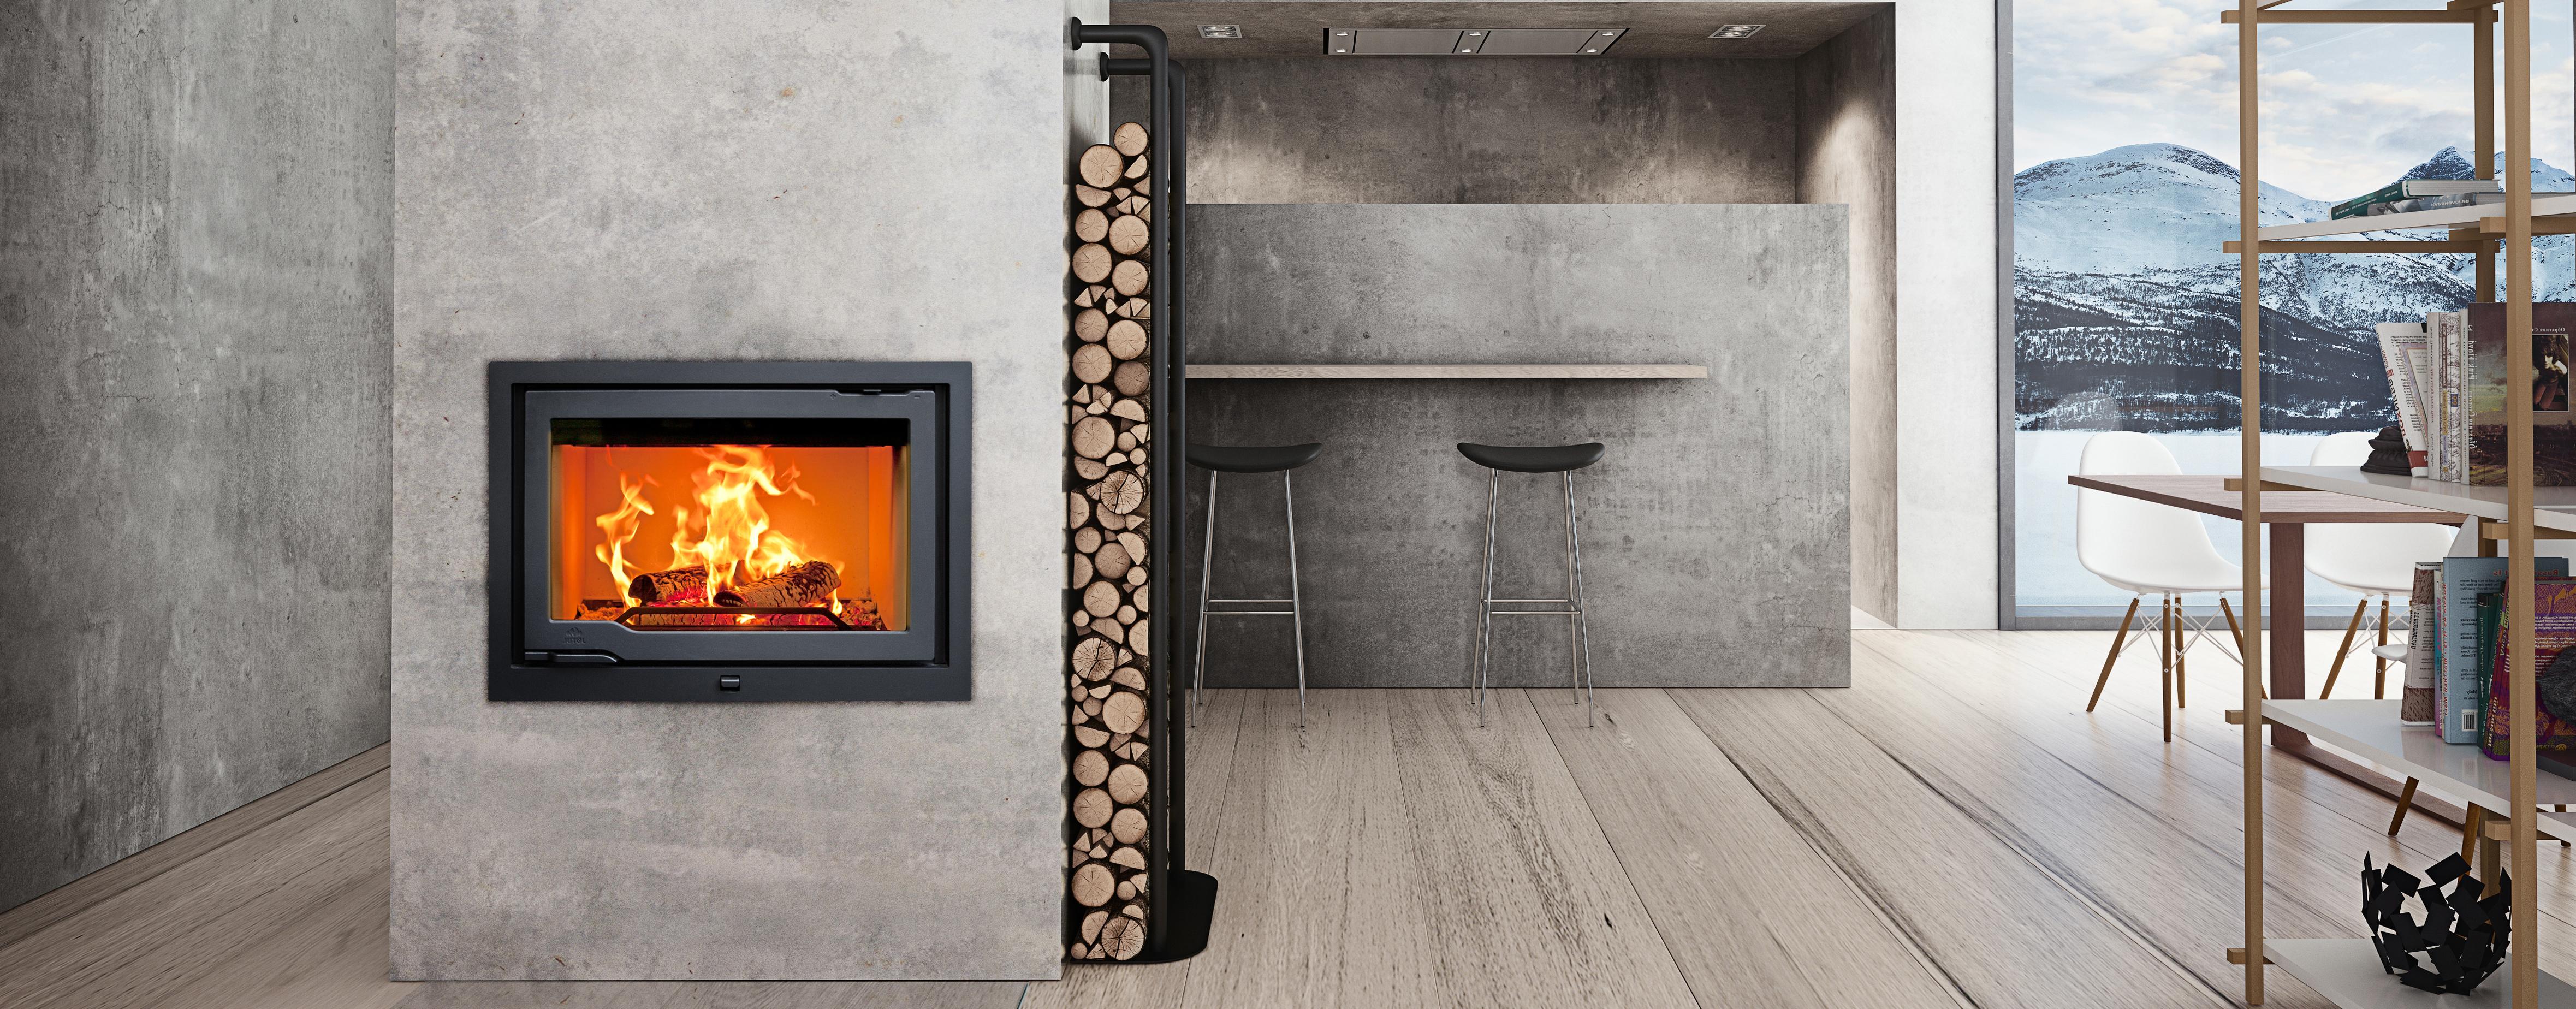 installazione e vendita inserto a legna Parma